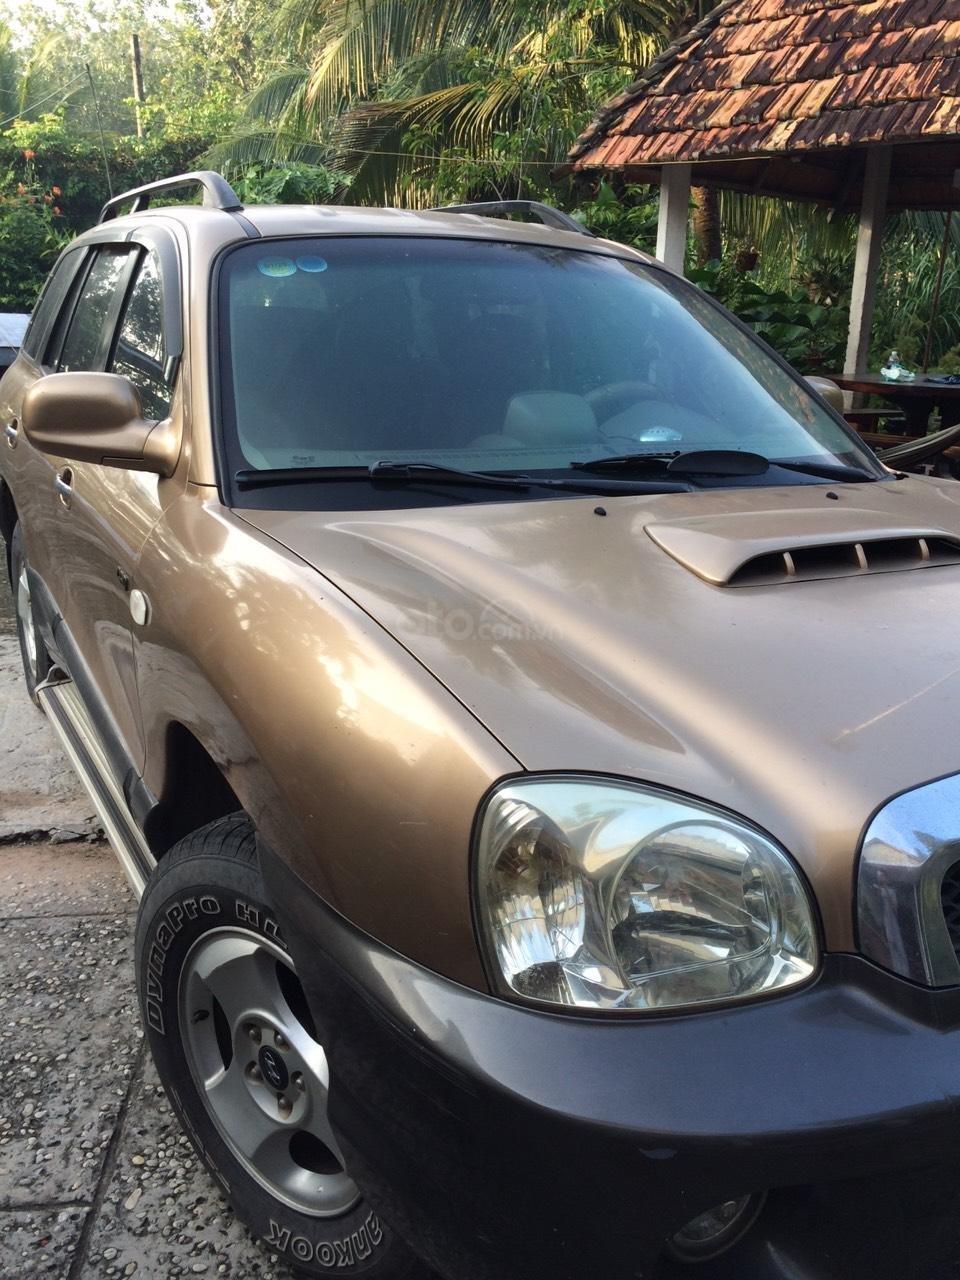 Bán Hyundai Santa Fe sản xuất năm 2003, màu nâu, nhập khẩu nguyên chiếc, giá 250tr (3)